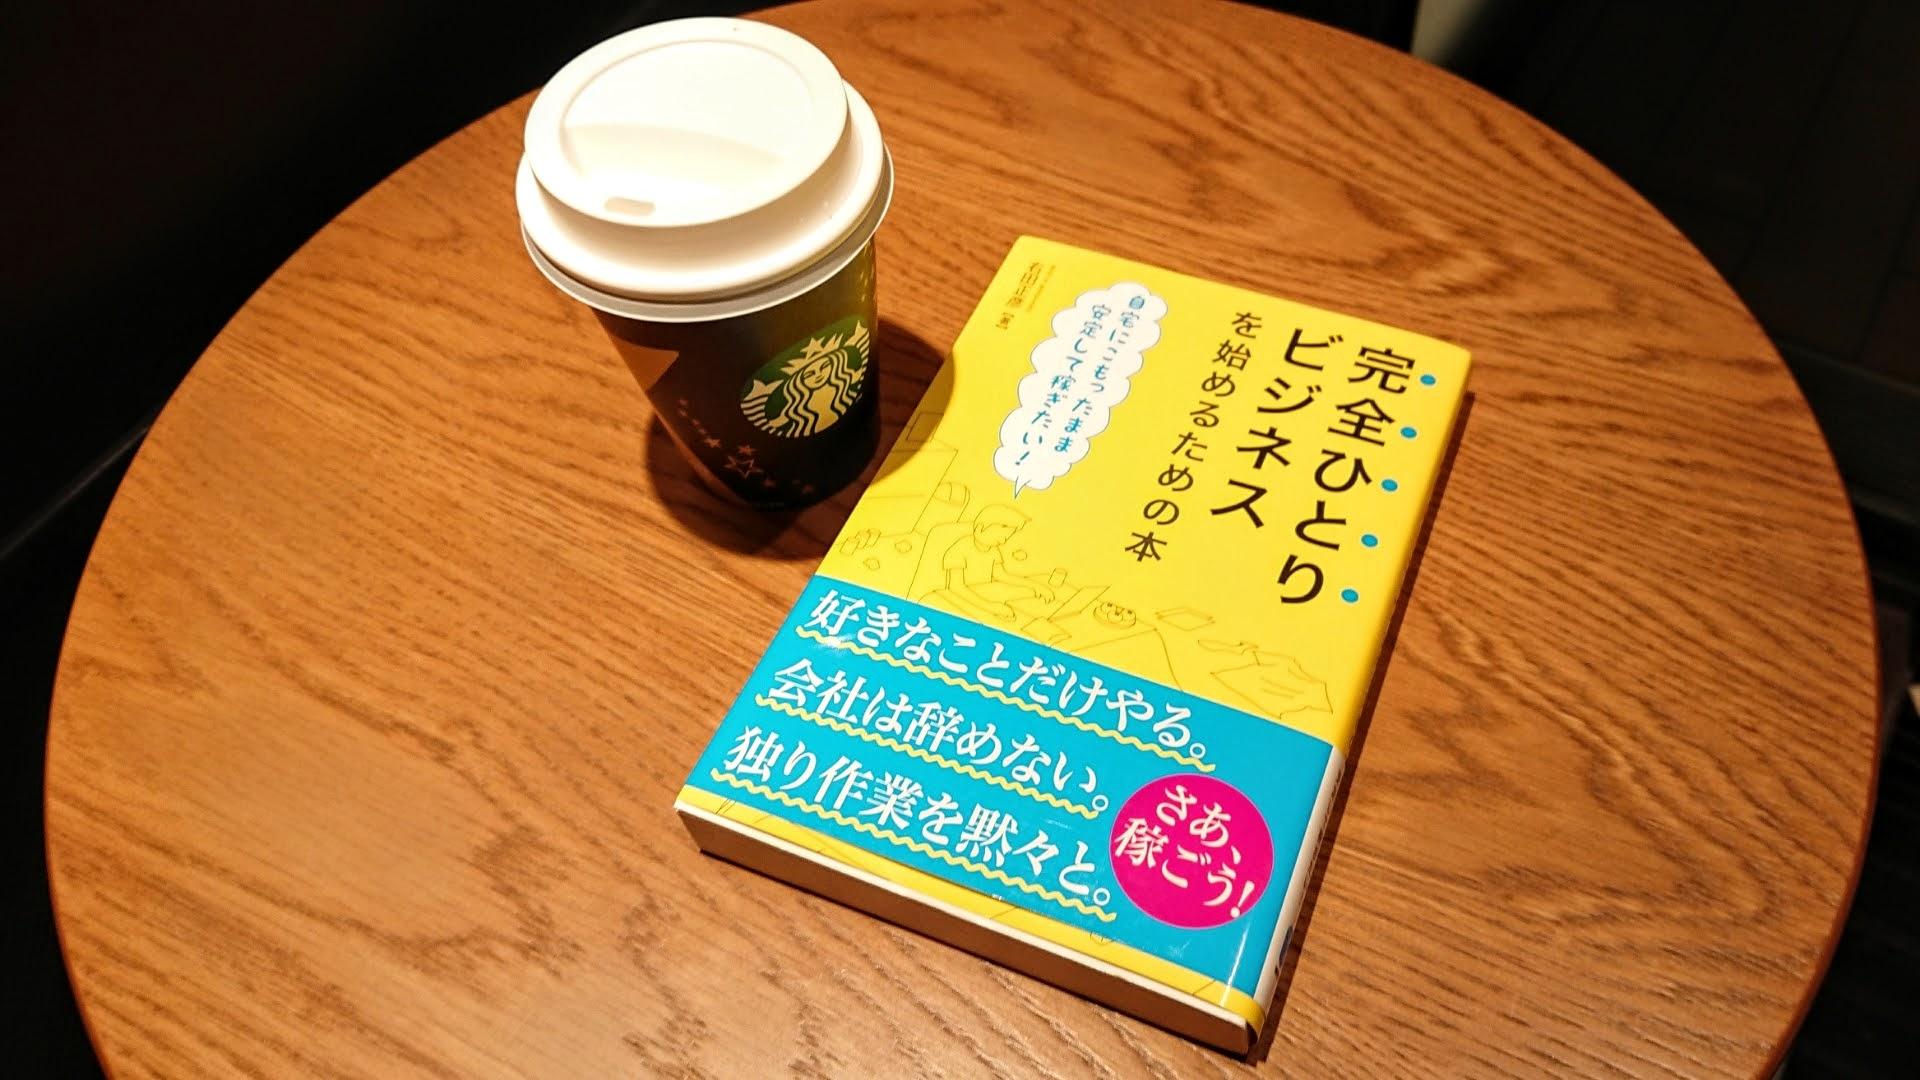 完全ひとりビジネスを始めるための本